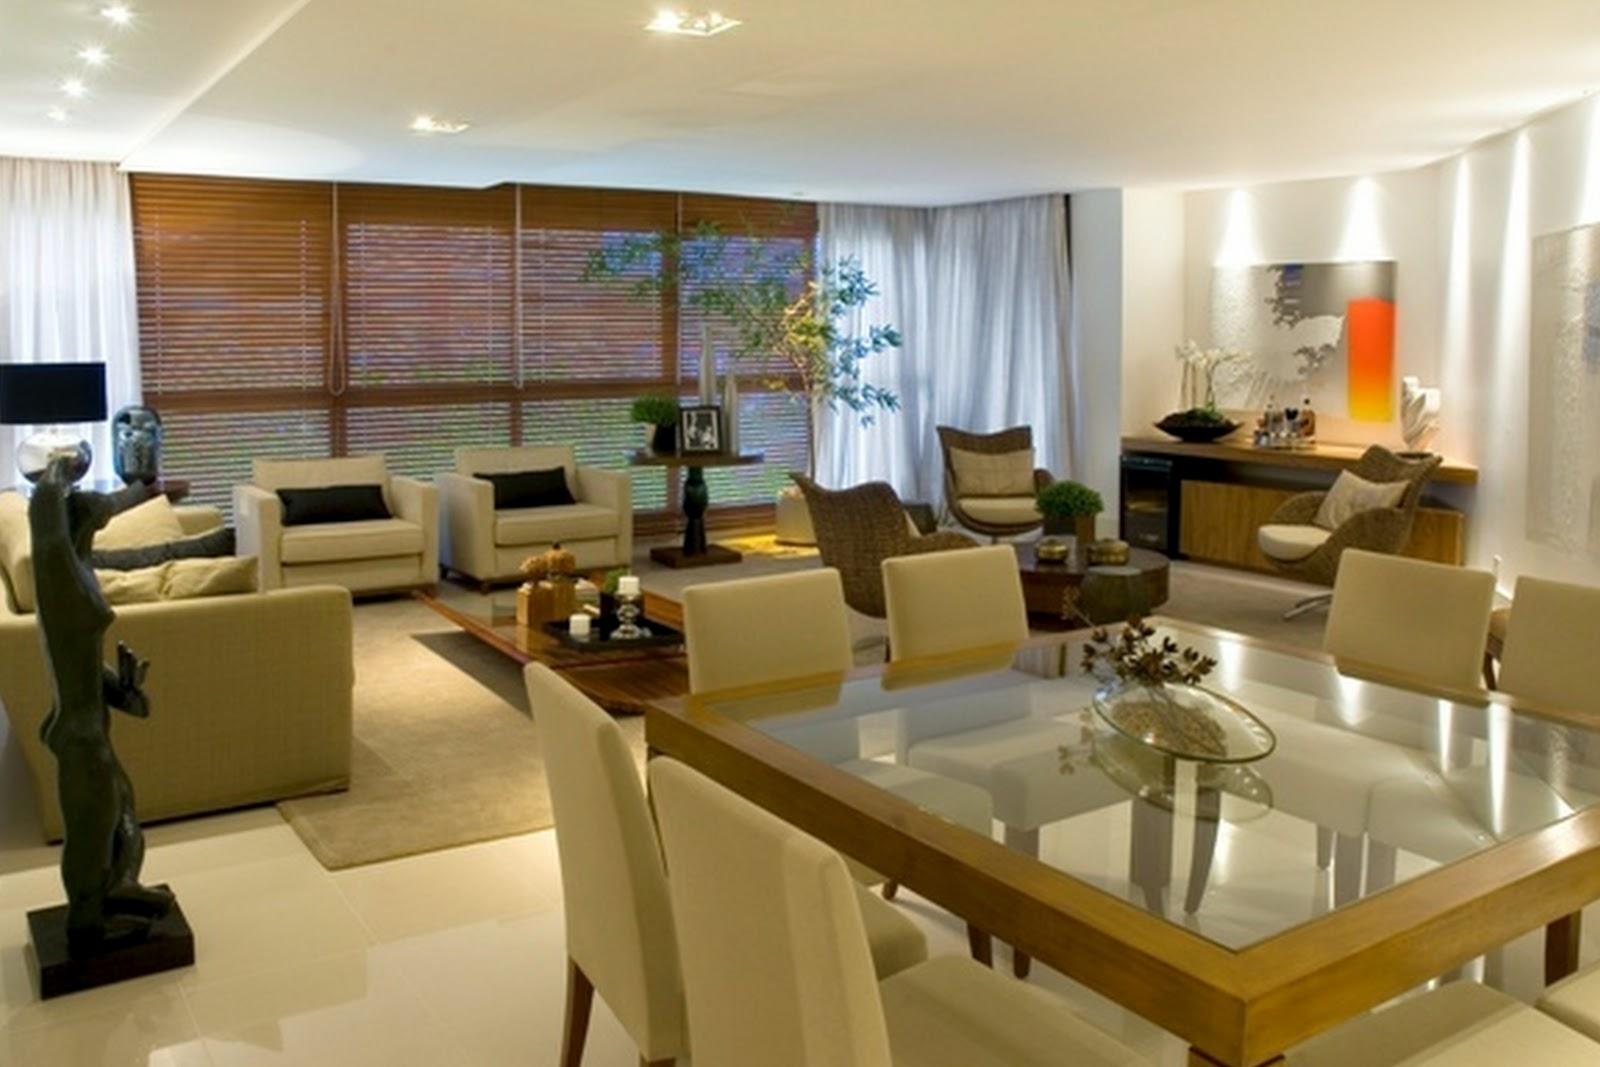 #AA6521 sala pequena de estar e jantar juntasIdéias de decoração para casa 1600x1067 píxeis em Decoraçao De Salas De Estar Grandes